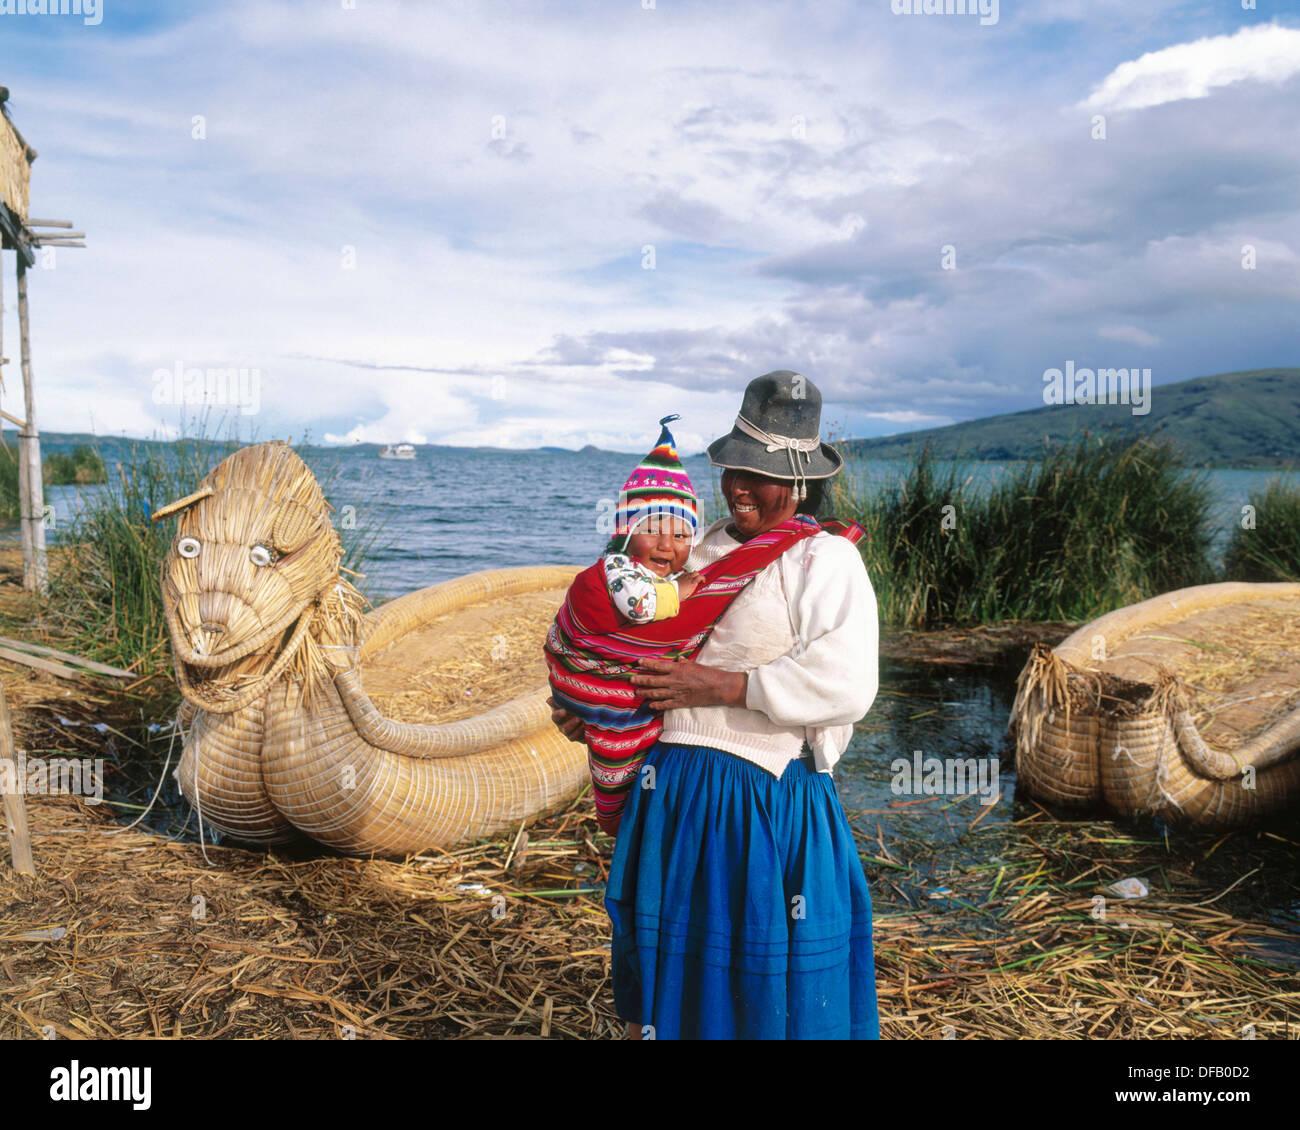 La madre y el niño indígena Uru y totora barco. Lago Titicaca. Perú Imagen De Stock